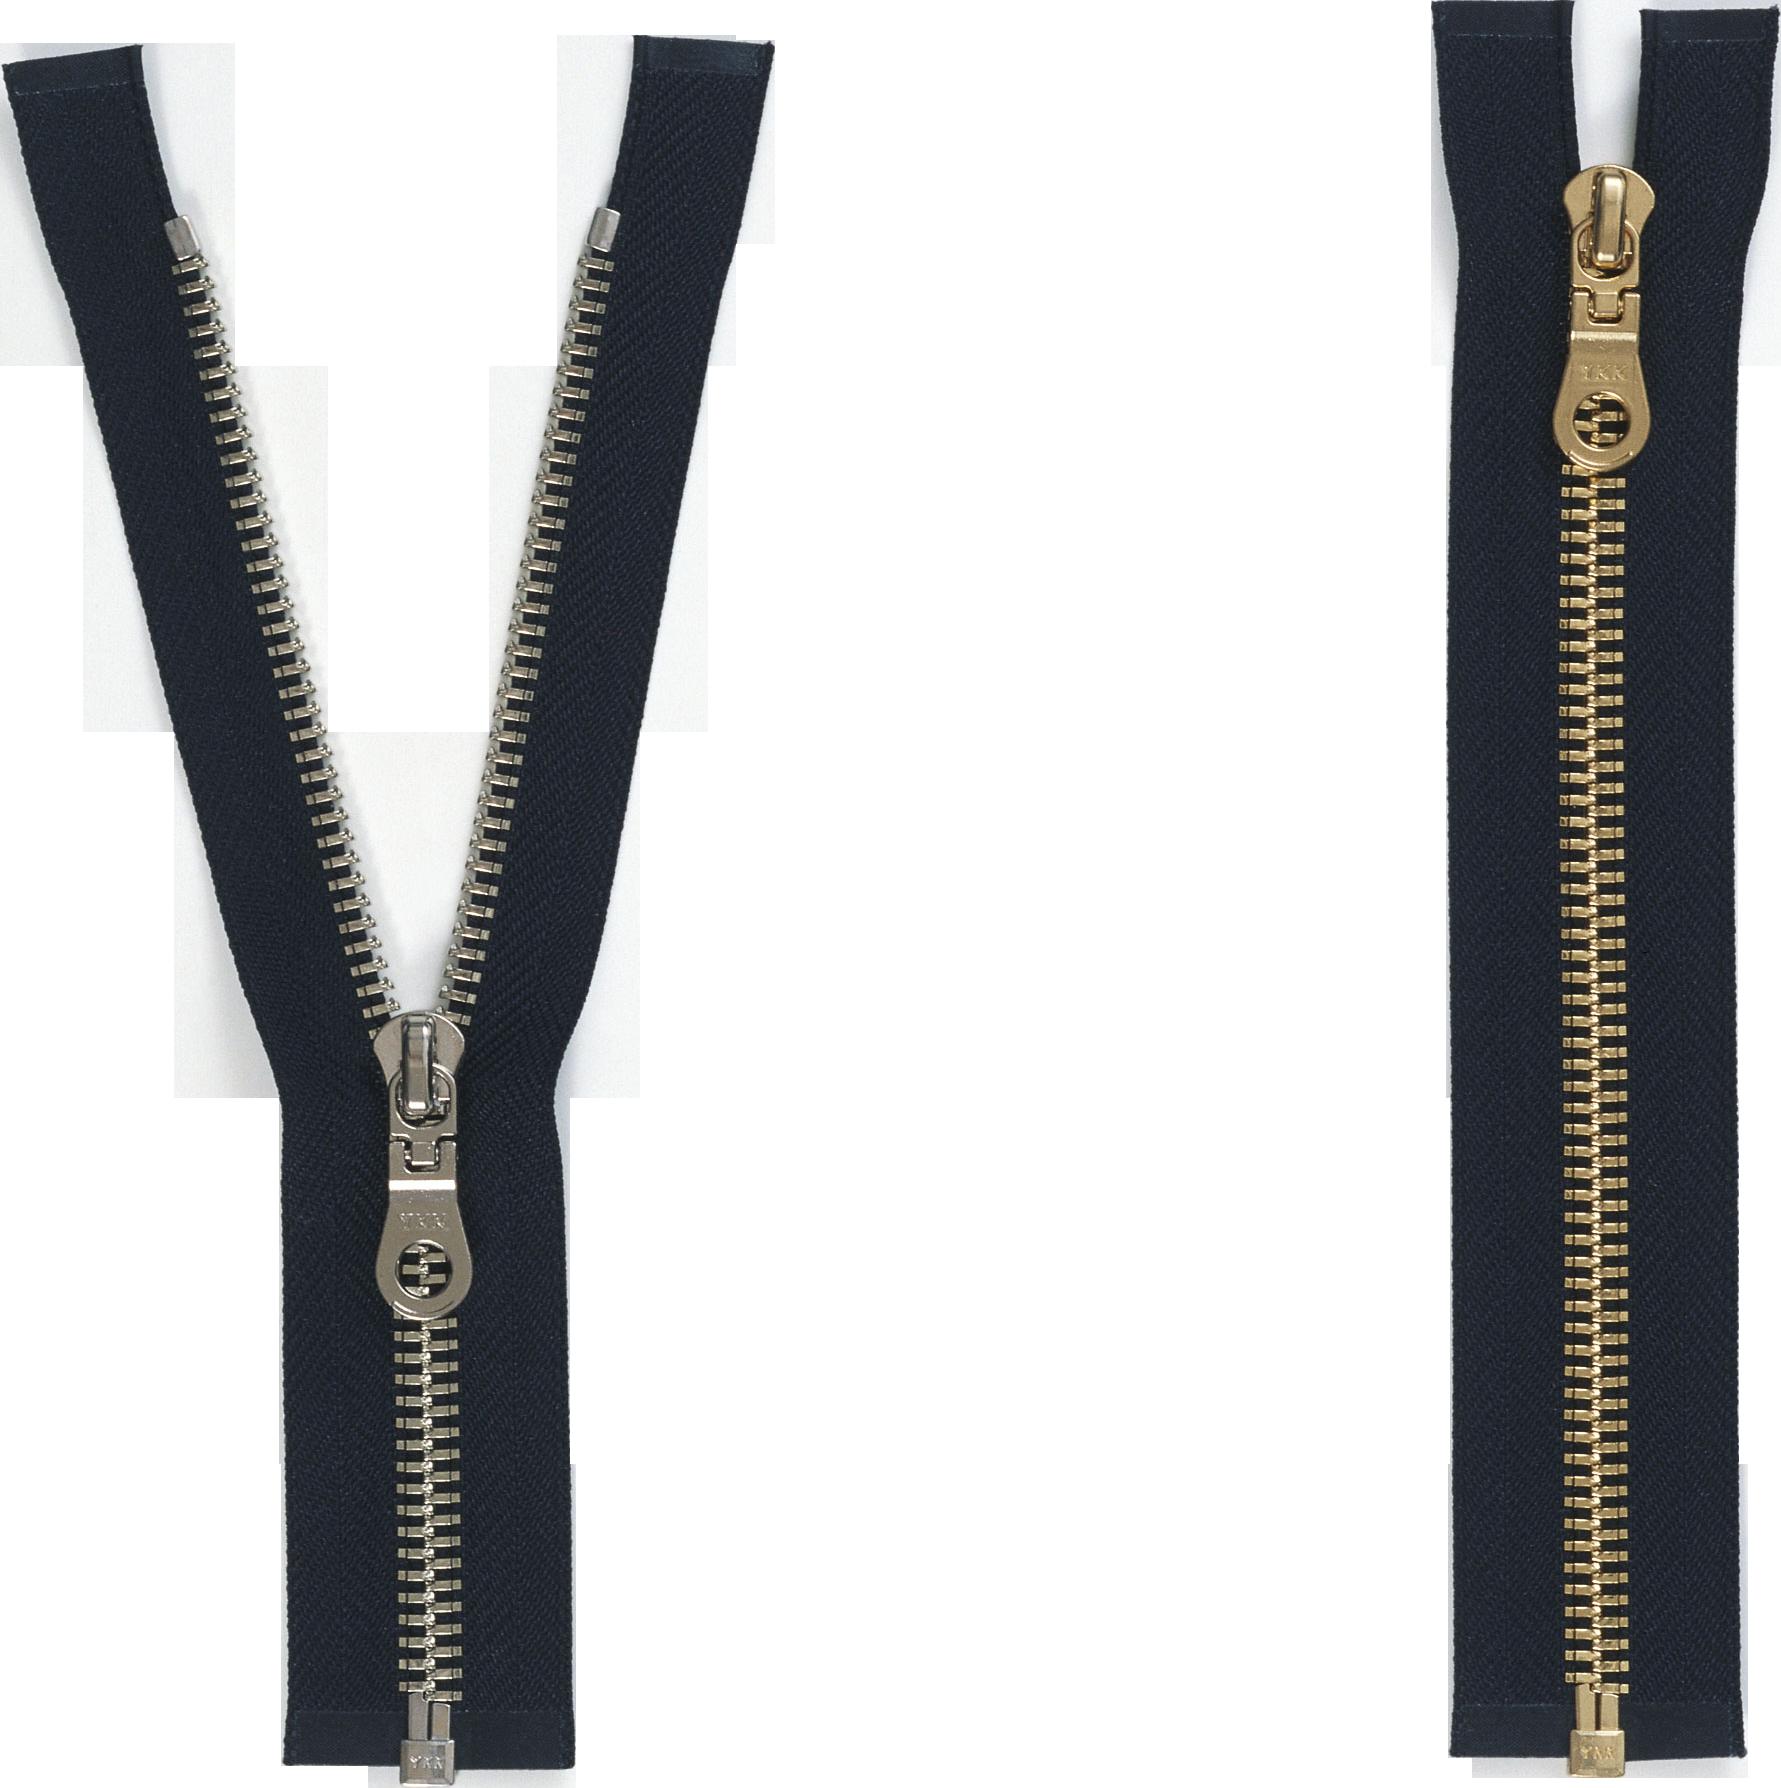 zipper indoor and outdoor model